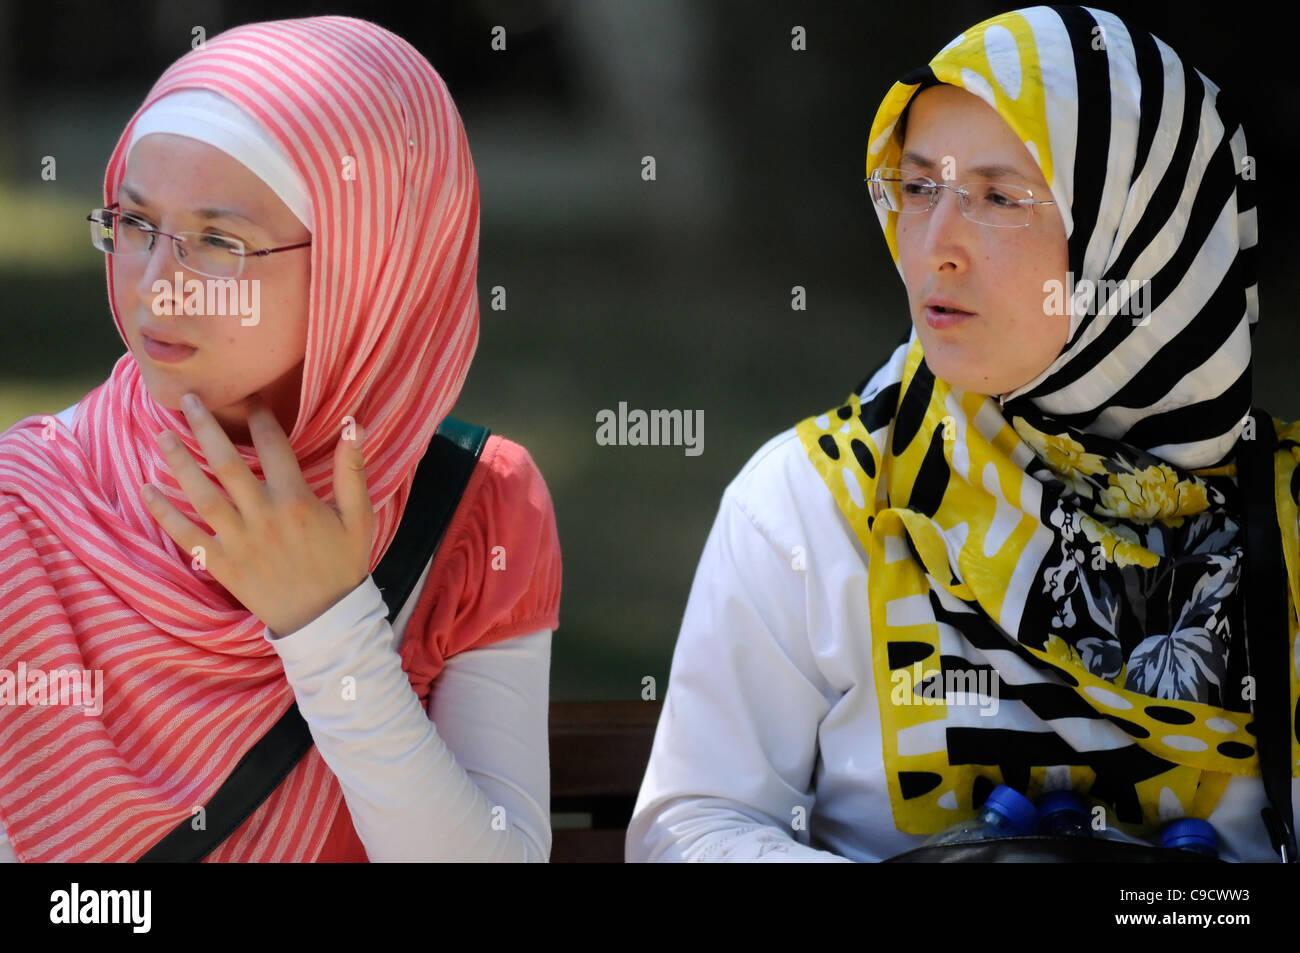 Femme musulmane portant des lunettes colorées et pashminas. Istanbul, Turquie Banque D'Images